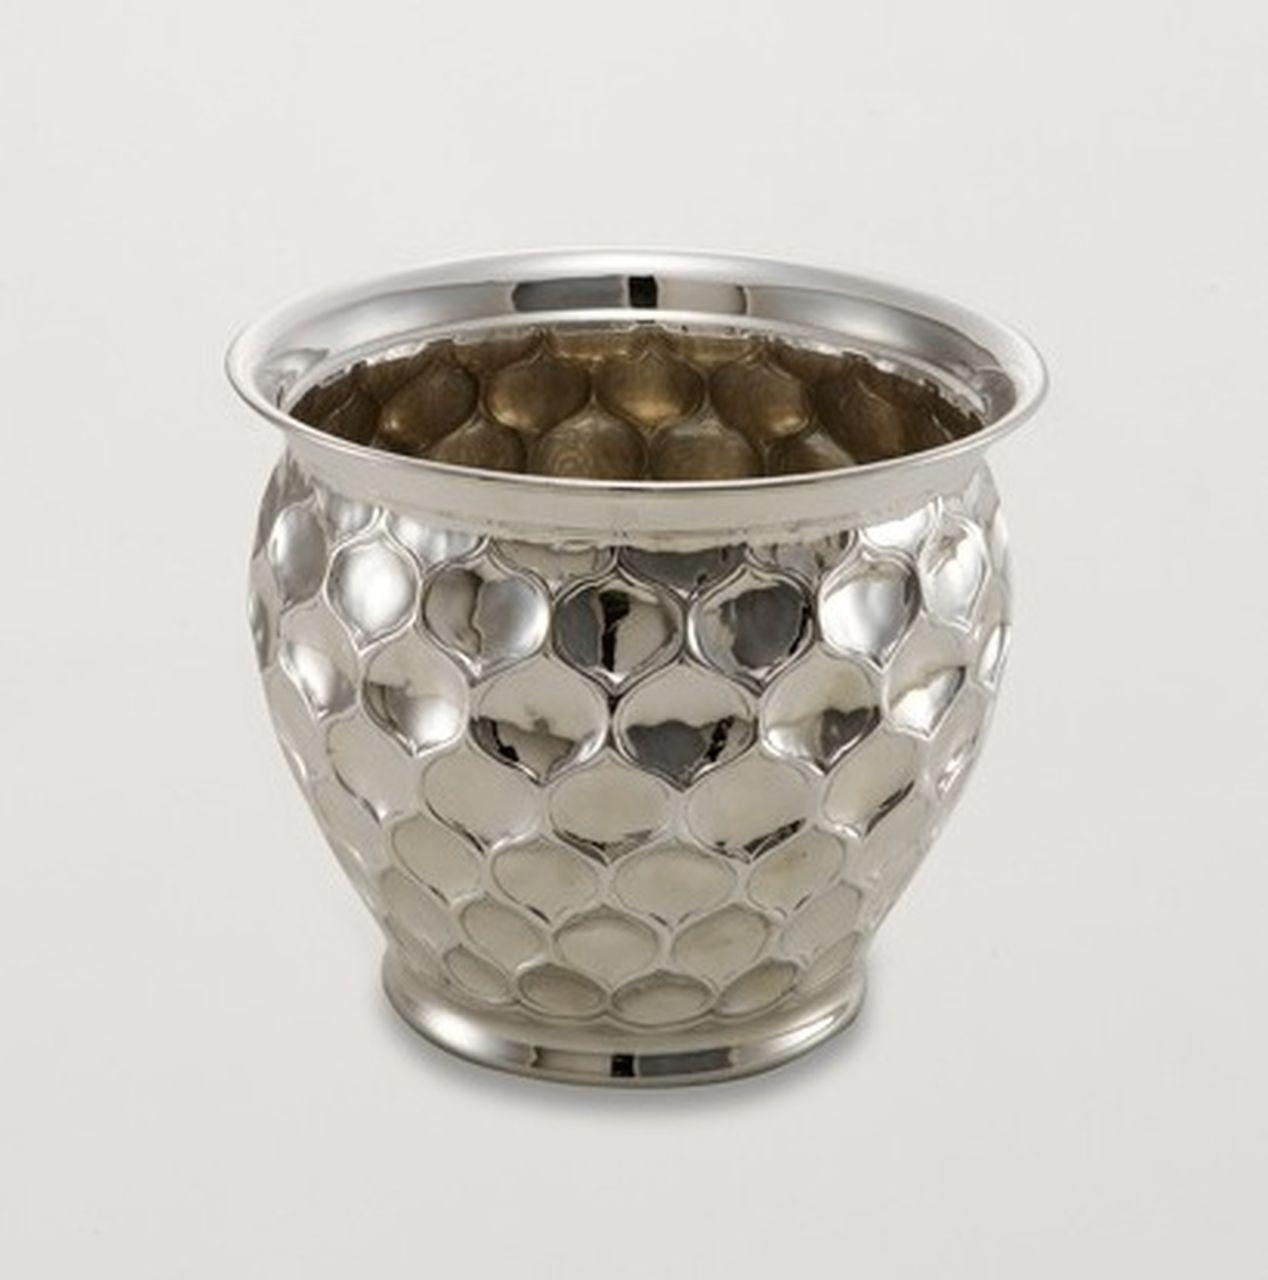 Vaso Fiori Cache Pot portapiante argentato argento sheffield stile goccia cm.14,5h diam.19,5